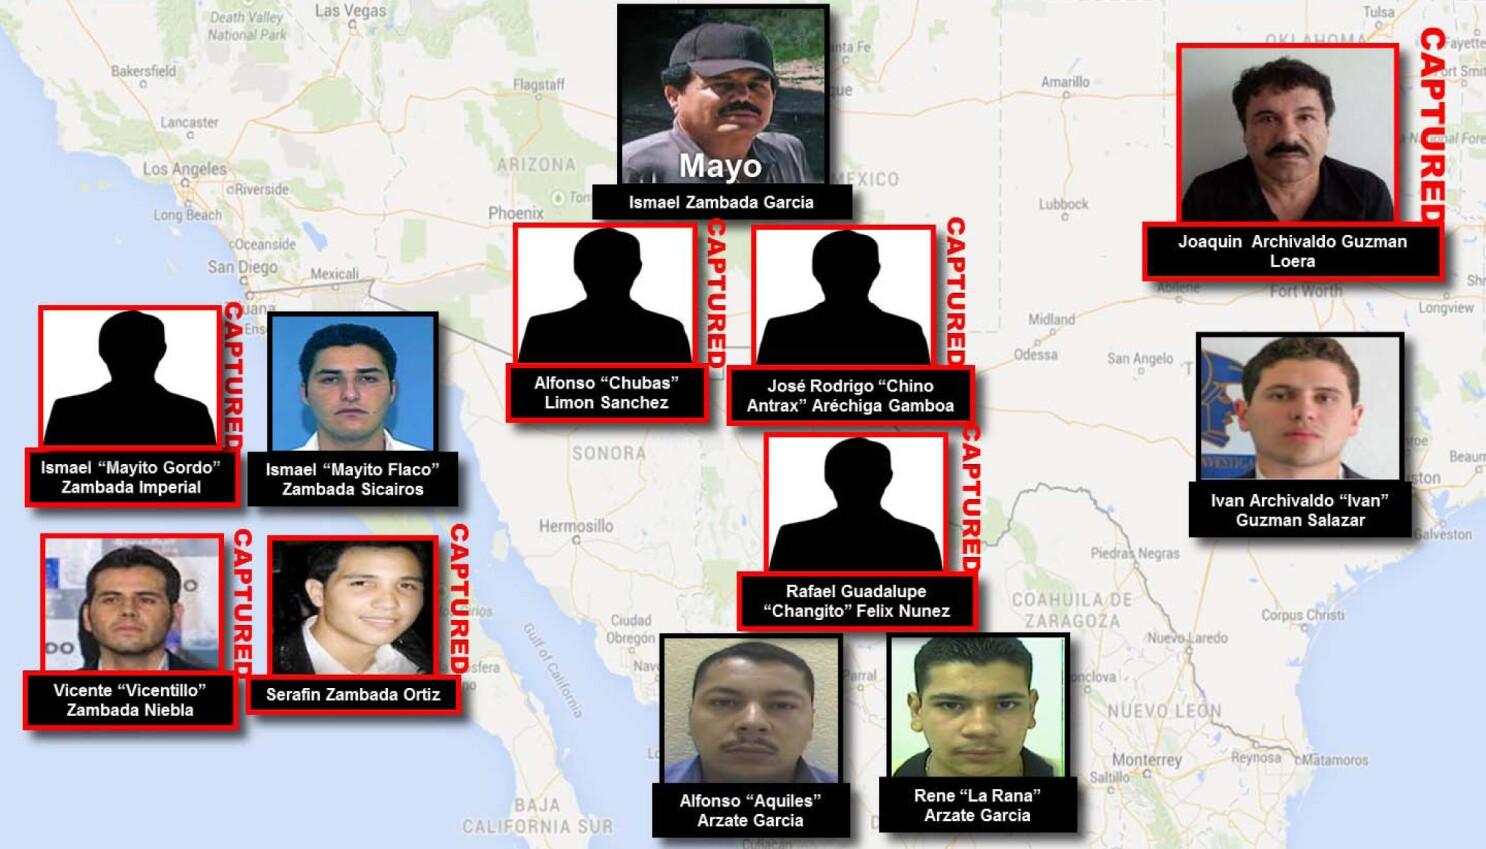 Jailed son of Sinaloa cartel kingpin describes harrowing, dangerous